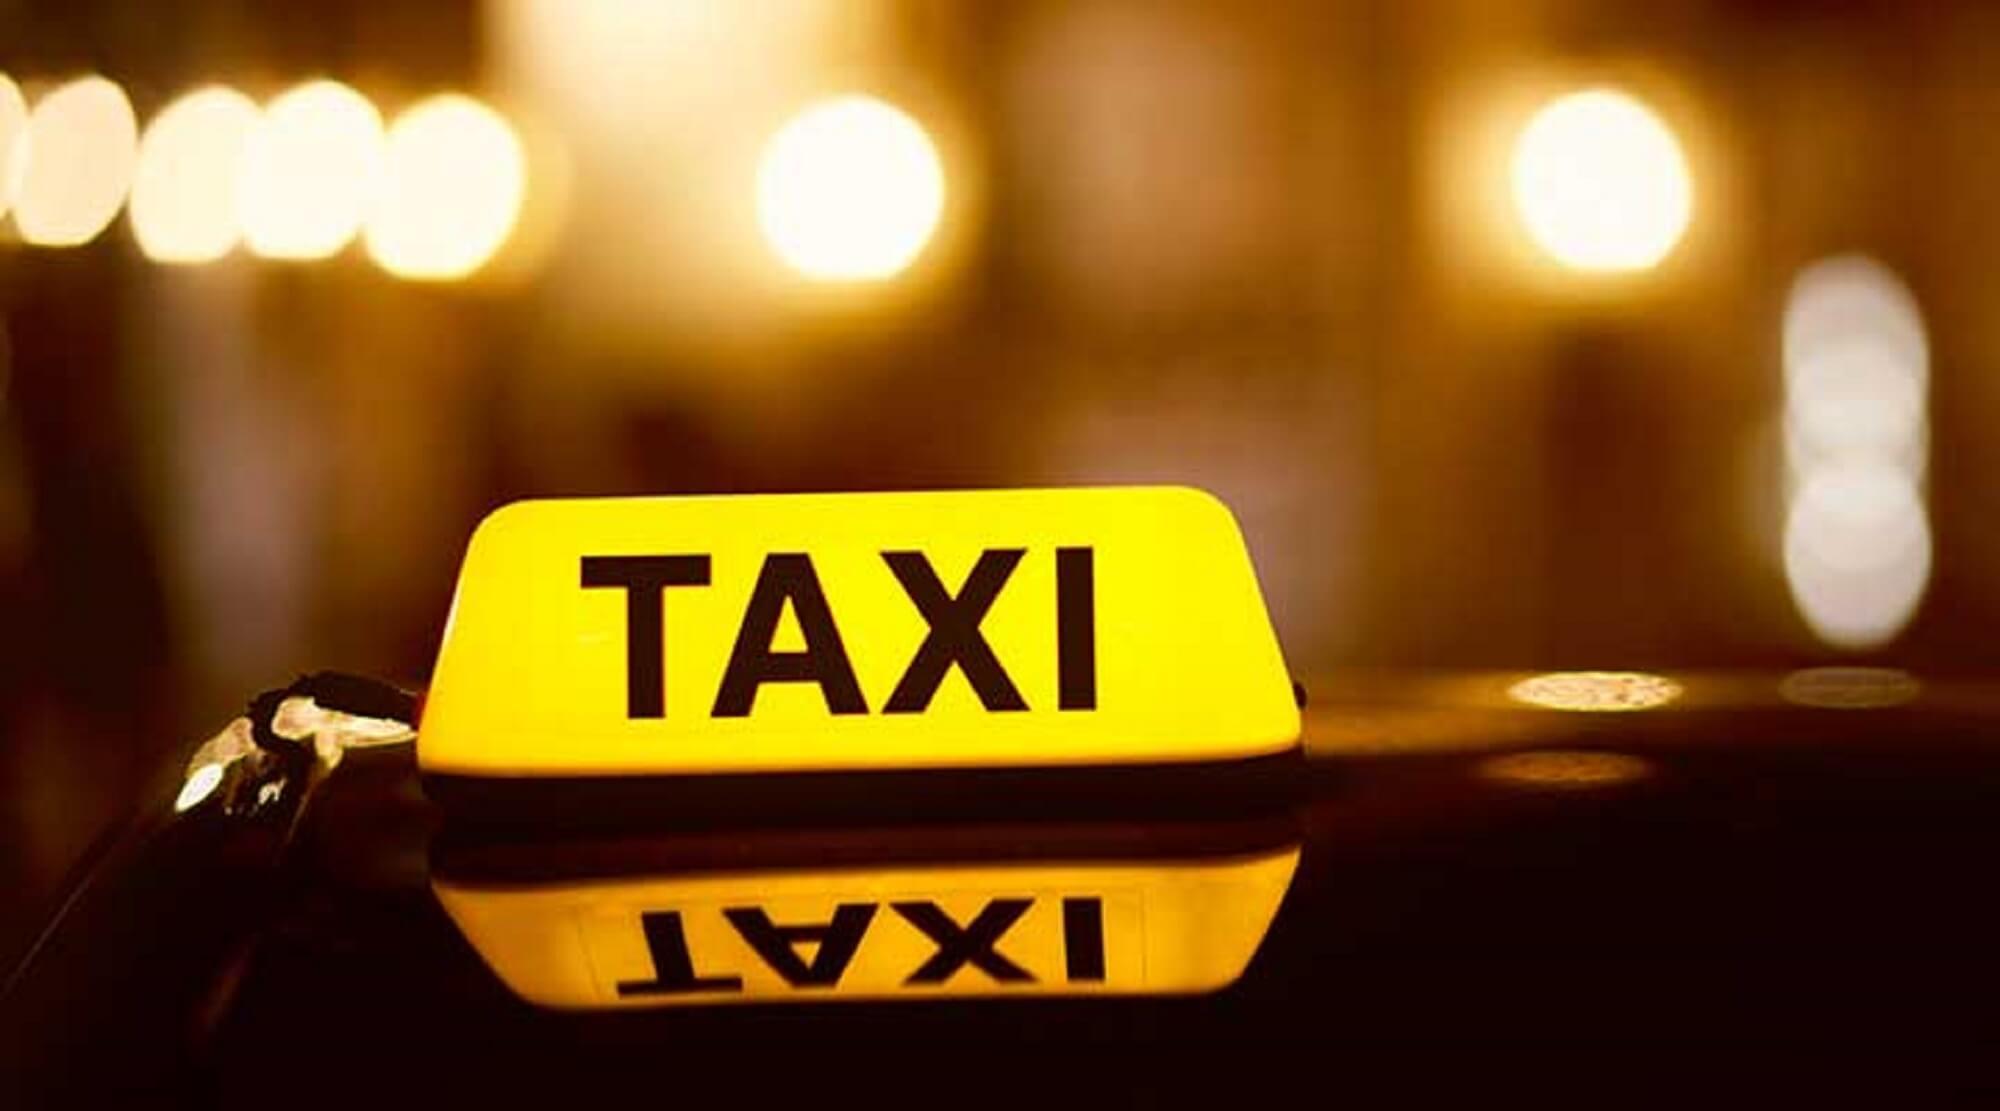 Taxi essaouira-Juste 55 € transfert essaouira à marrakech